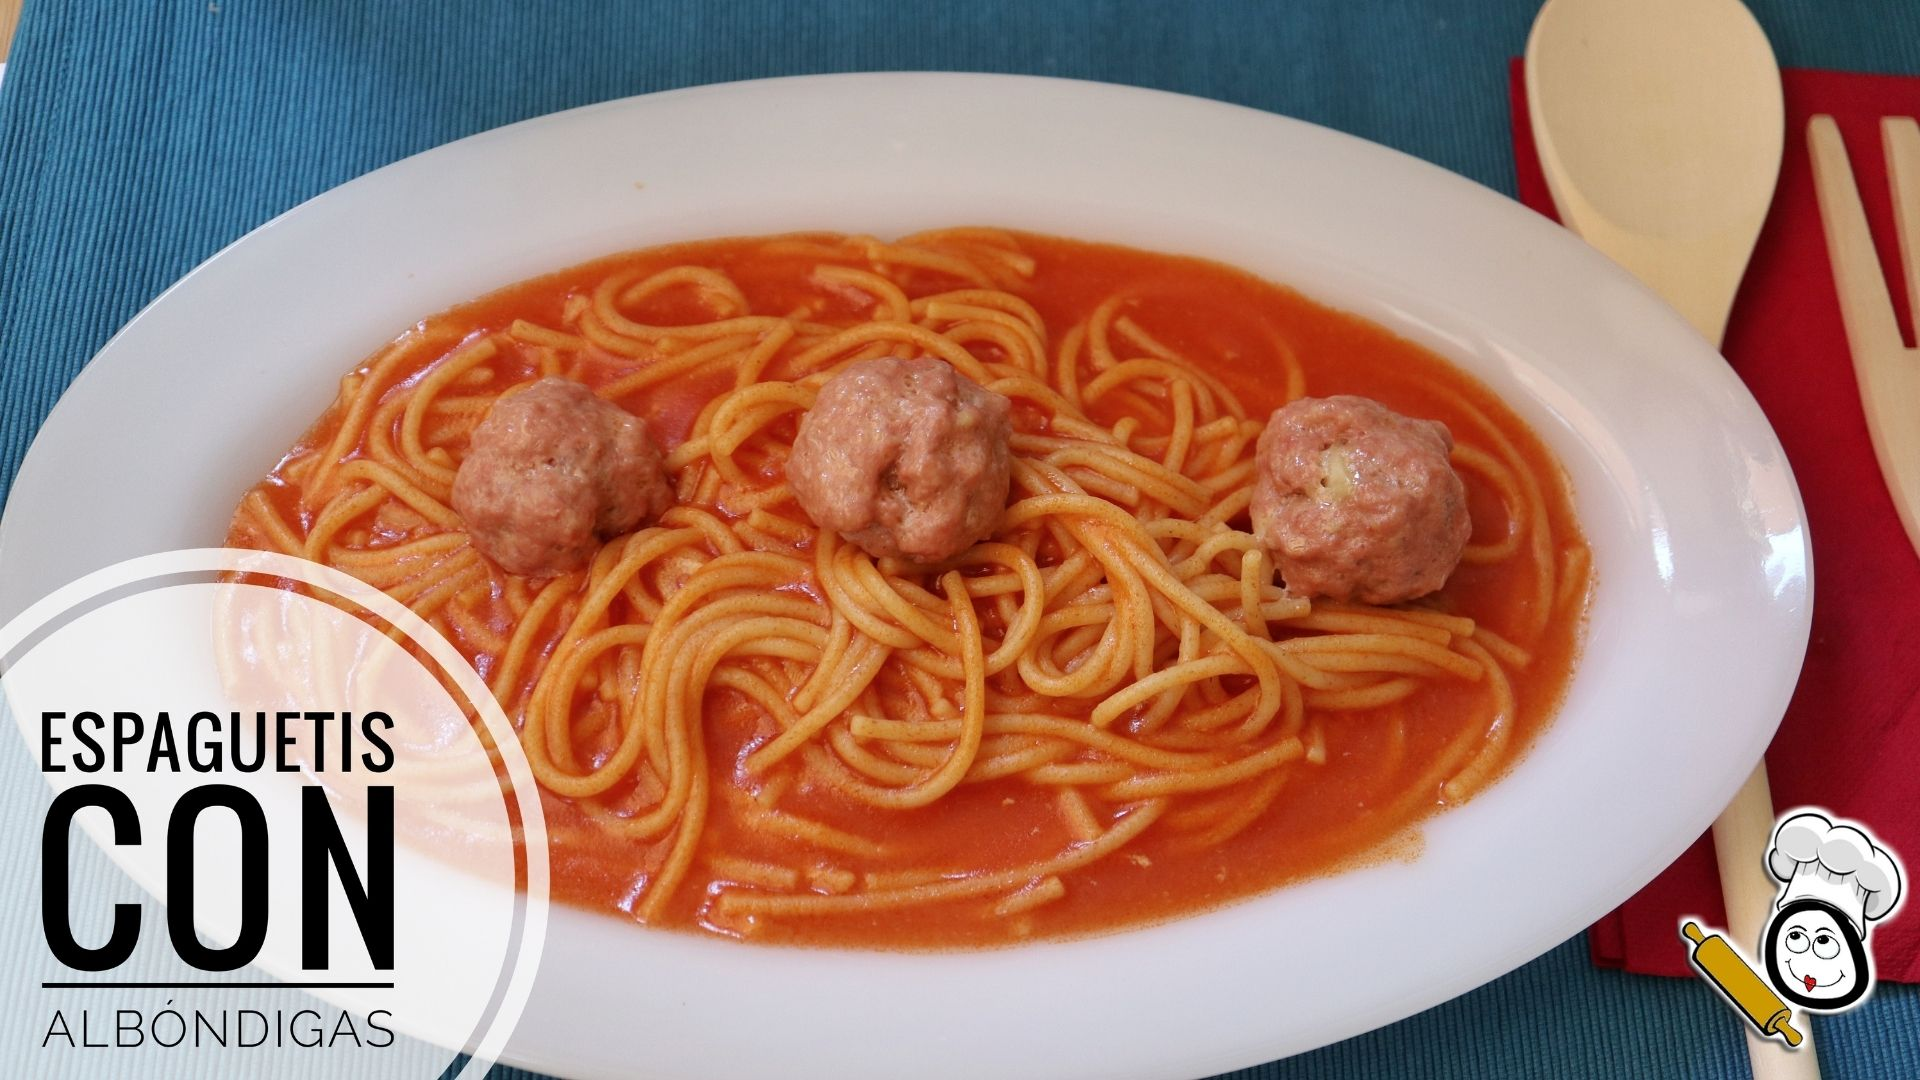 Cómo hacer la receta de espaguetis con albóndigas